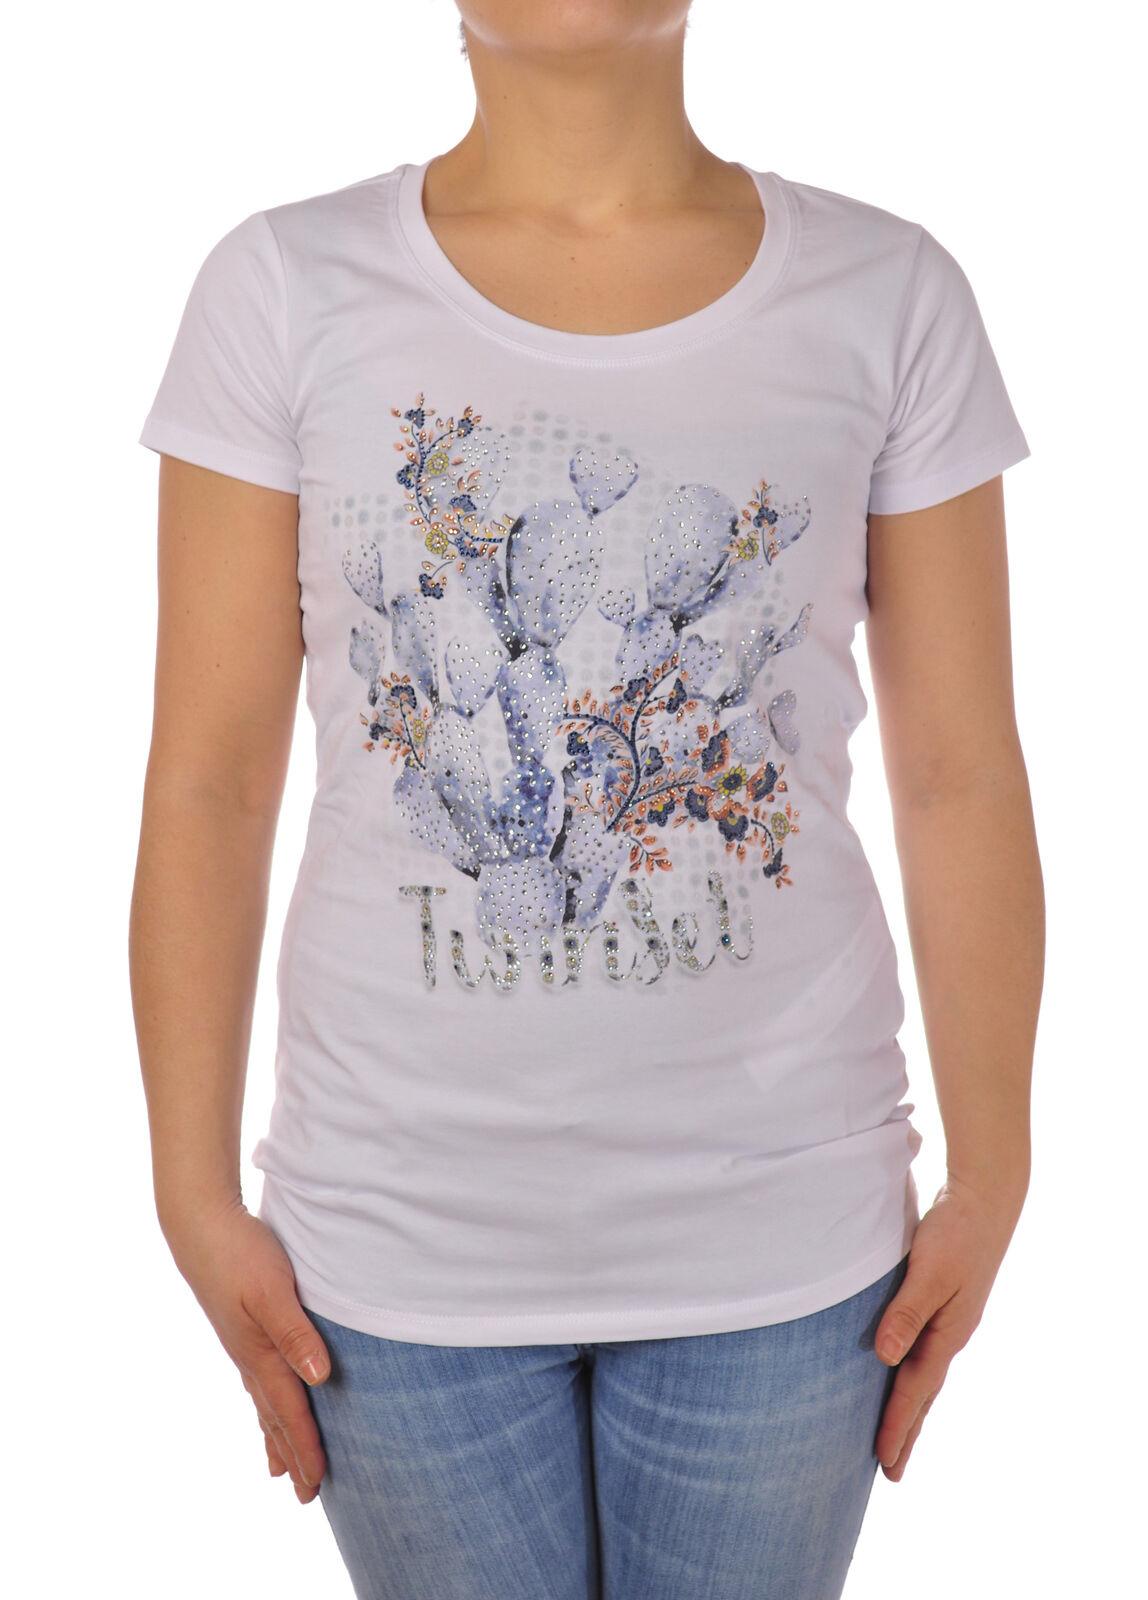 Twin Set - Topwear-T-shirts - Woman - Weiß - 5079202F184403